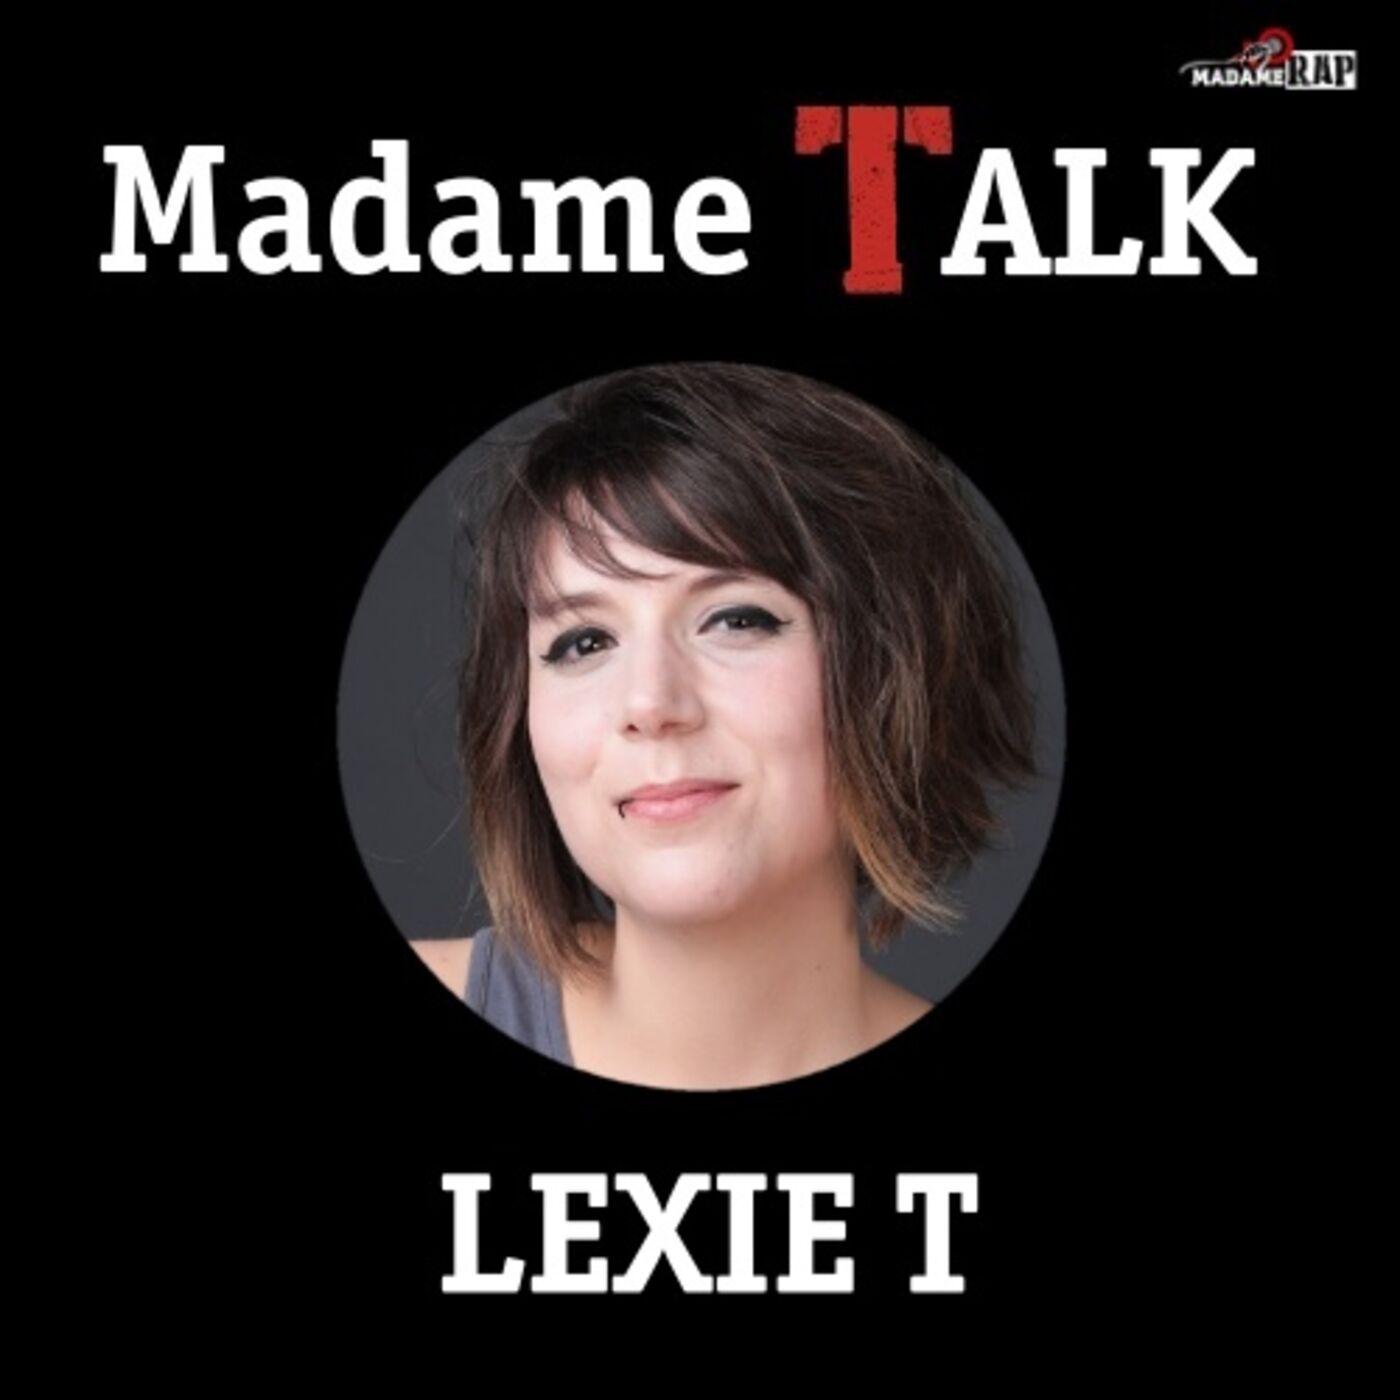 Madame Talk x Lexie T